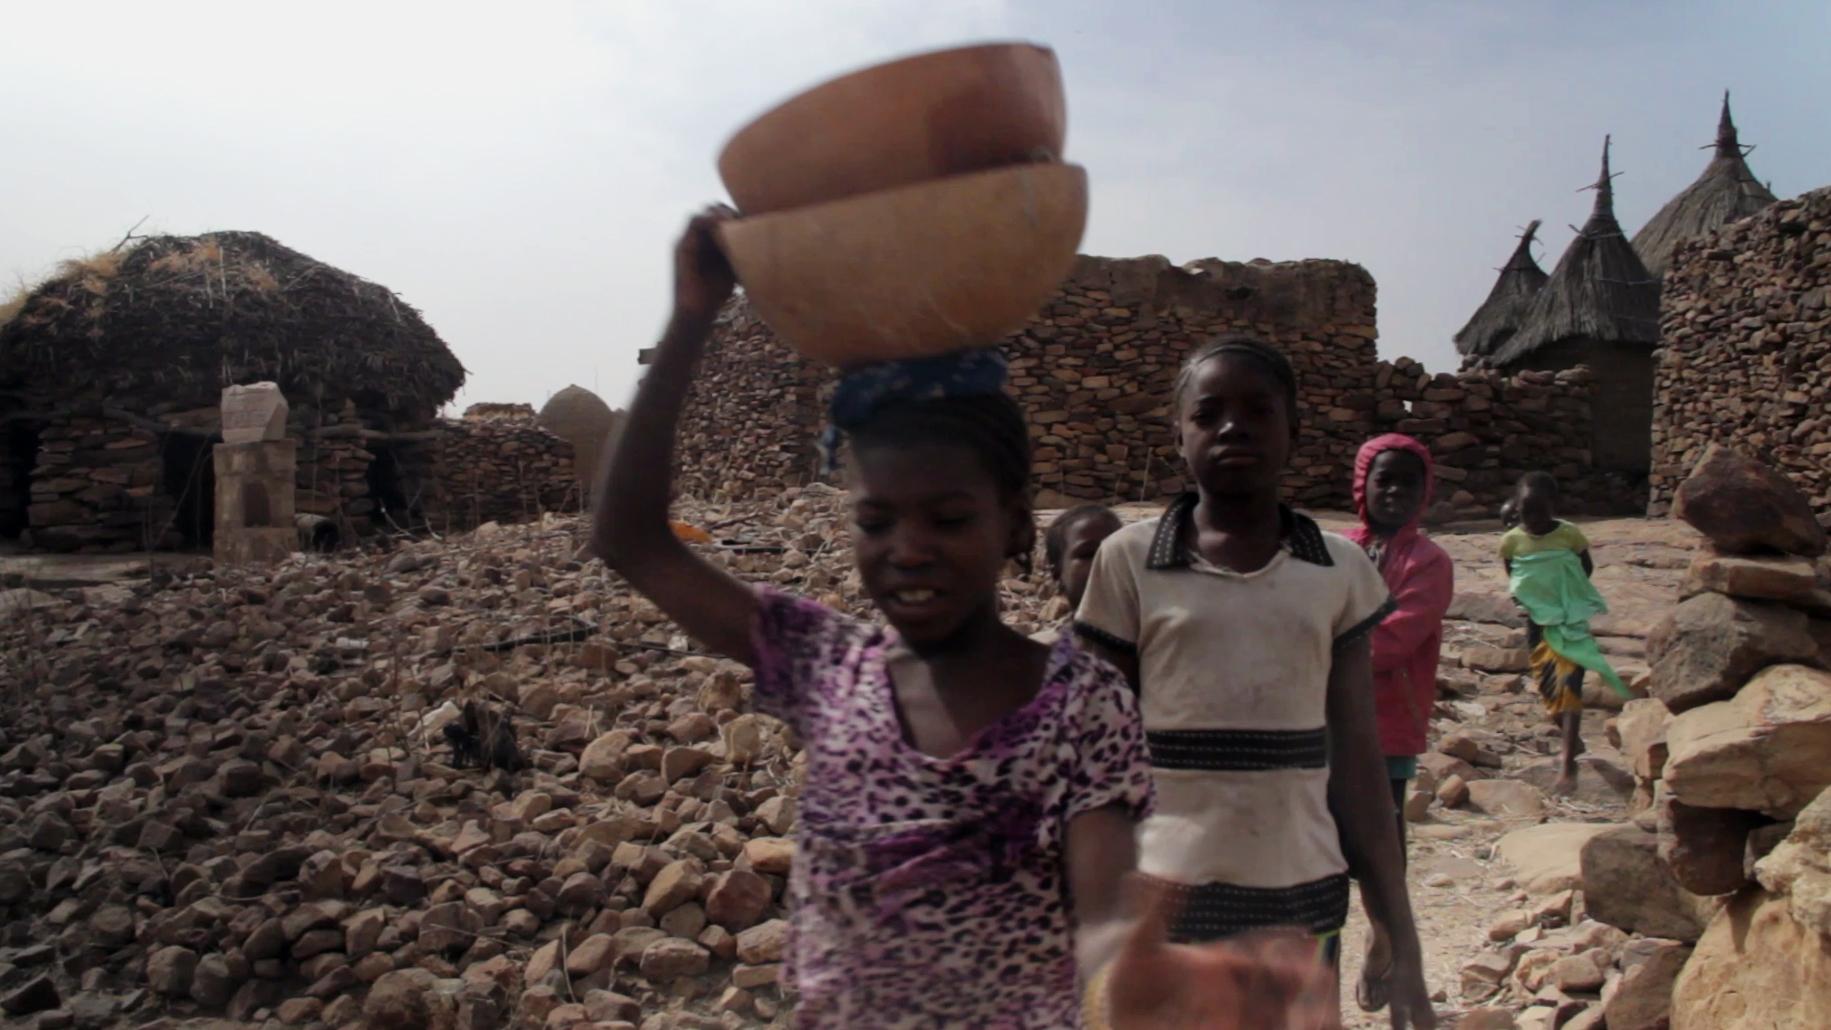 ninas caminando djiguibombo pablocaminante - Malí 5, País Dogon II: Djiguibombó